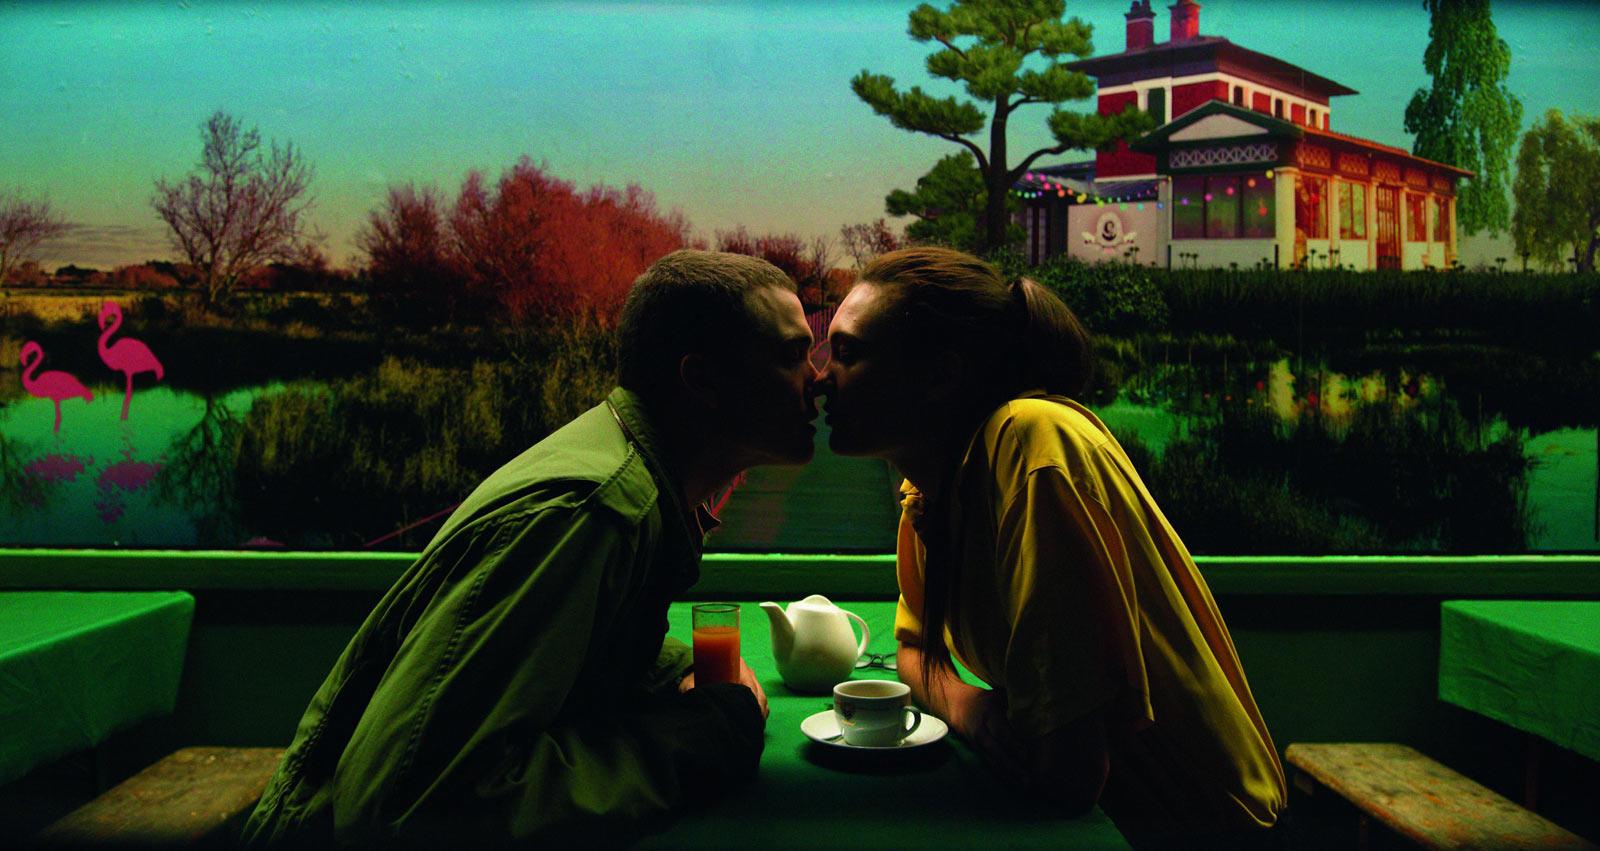 cinema-top-meilleures-comedies-romantiques-bouleversent-le-genre-love